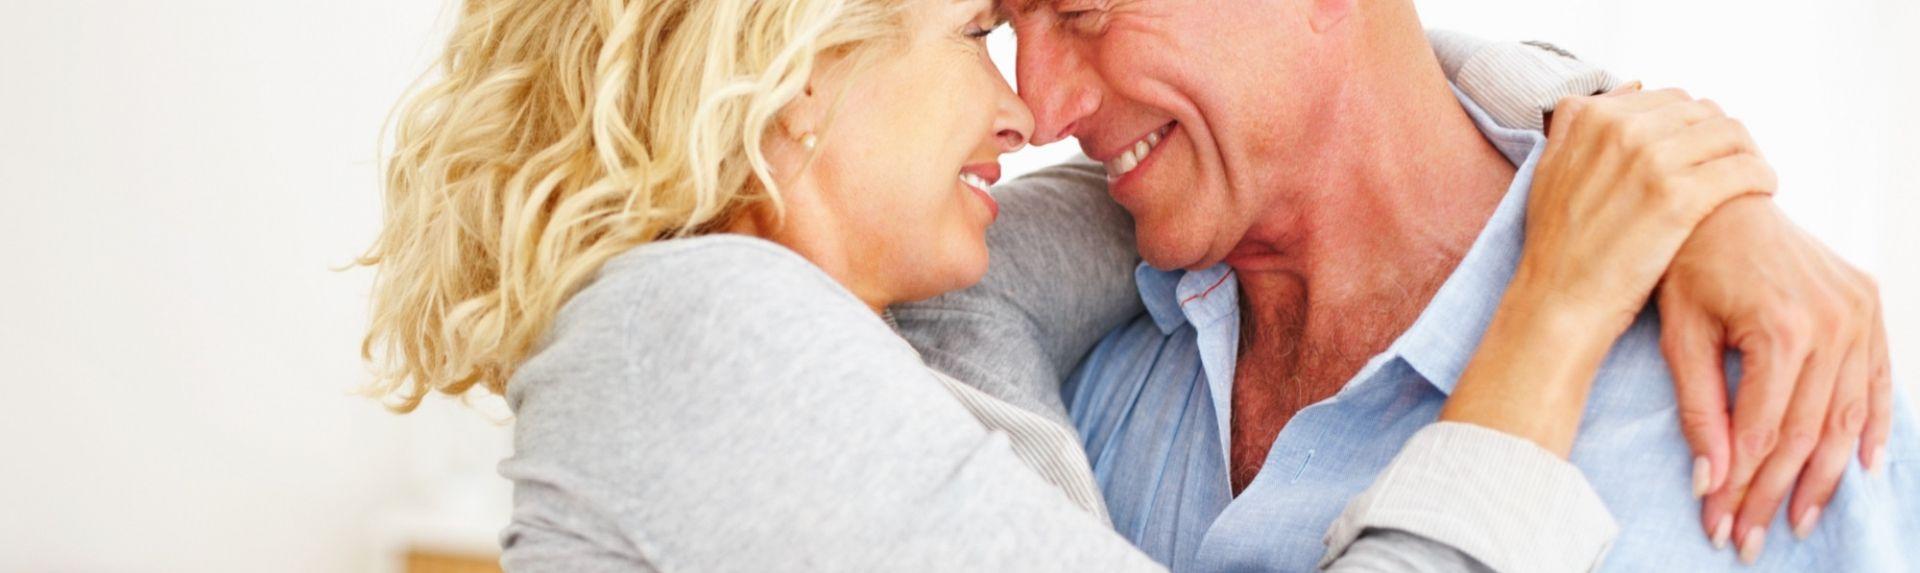 Жены и матери: как пережить климакс и не поссориться с семьей